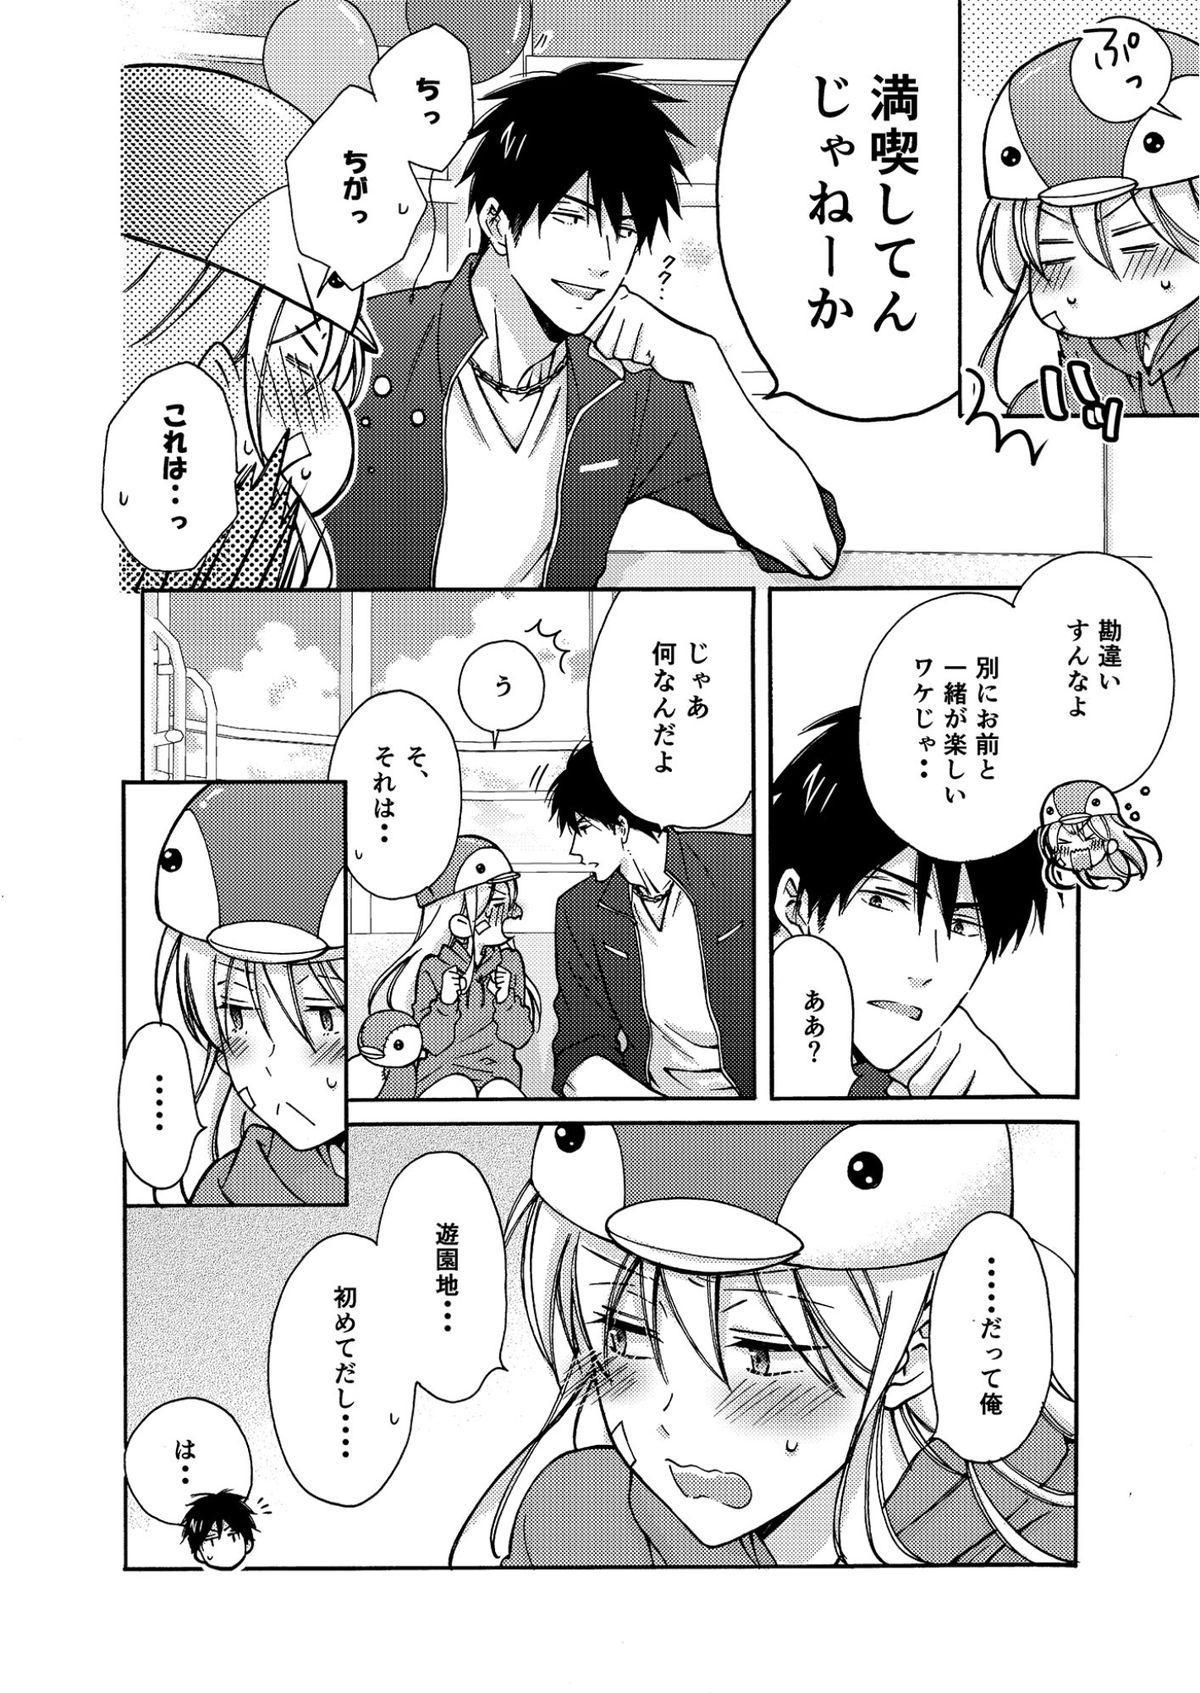 Nyotaika Yankee Gakuen ☆ Ore no Hajimete, Nerawaretemasu. 4 20